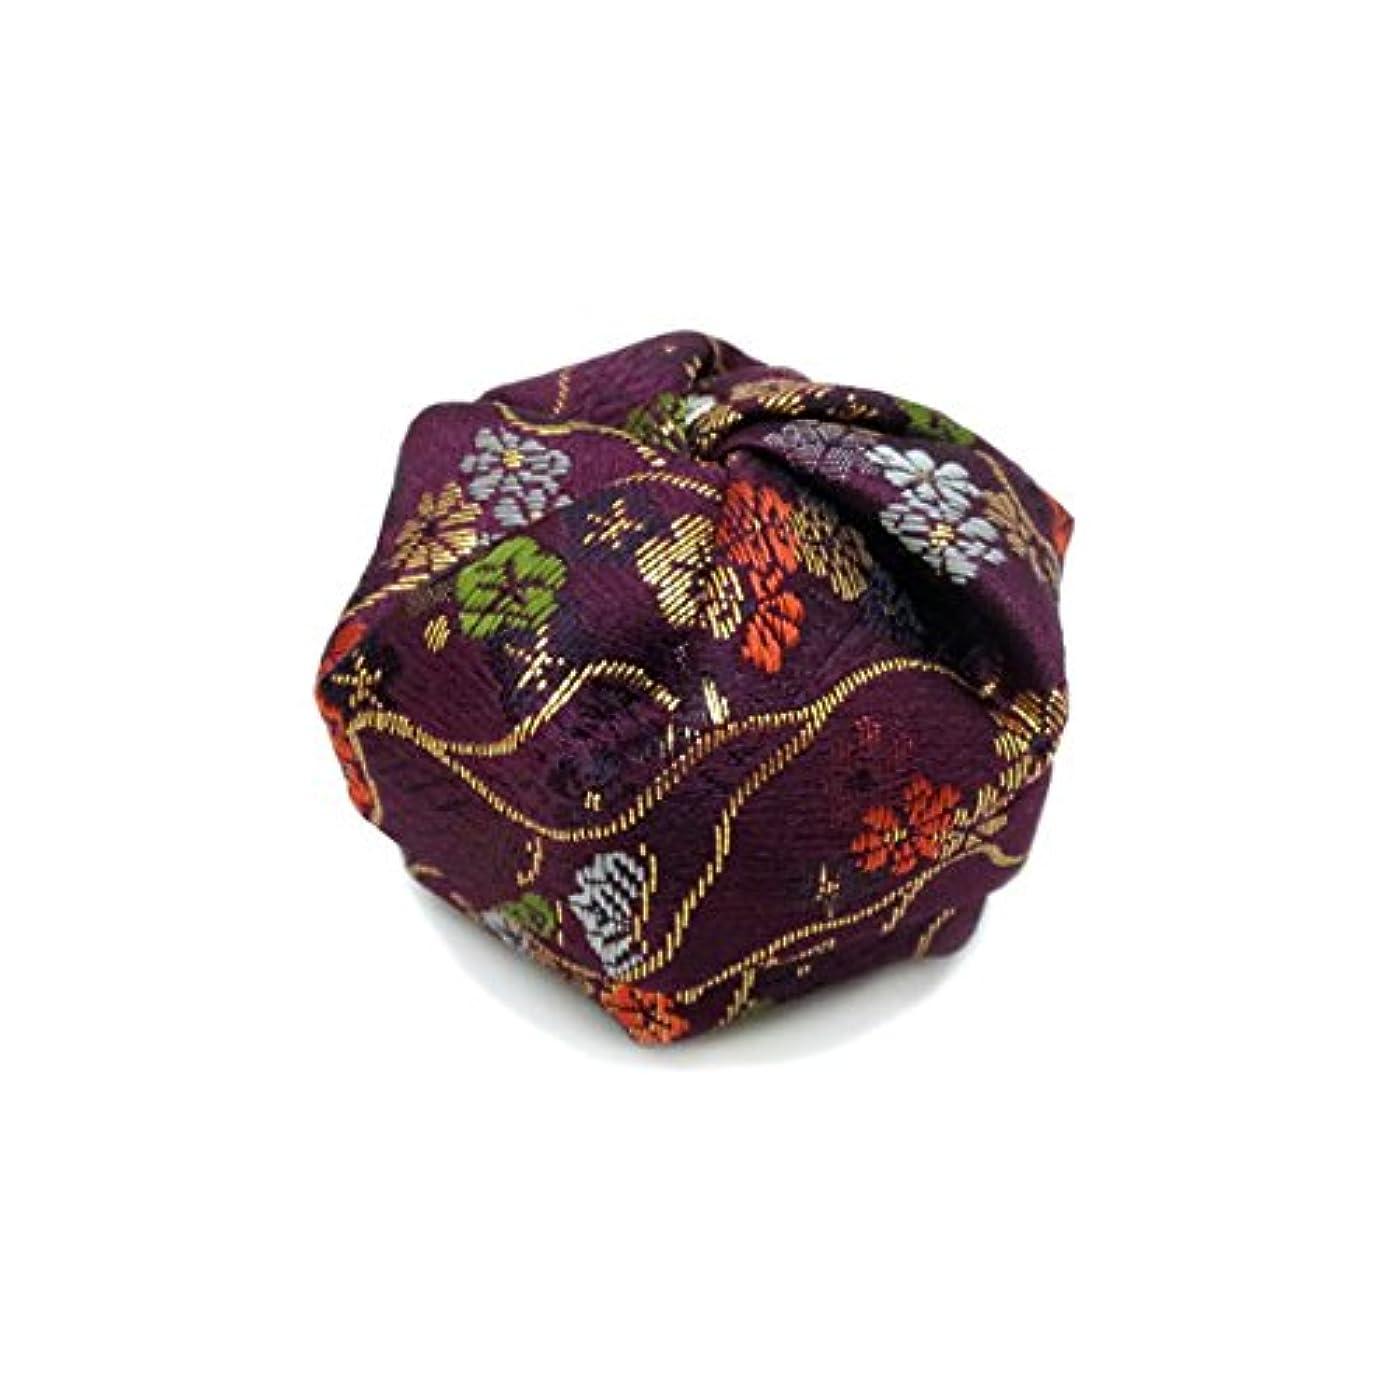 システム日付付き助言する布香盒 紫系 紙箱入